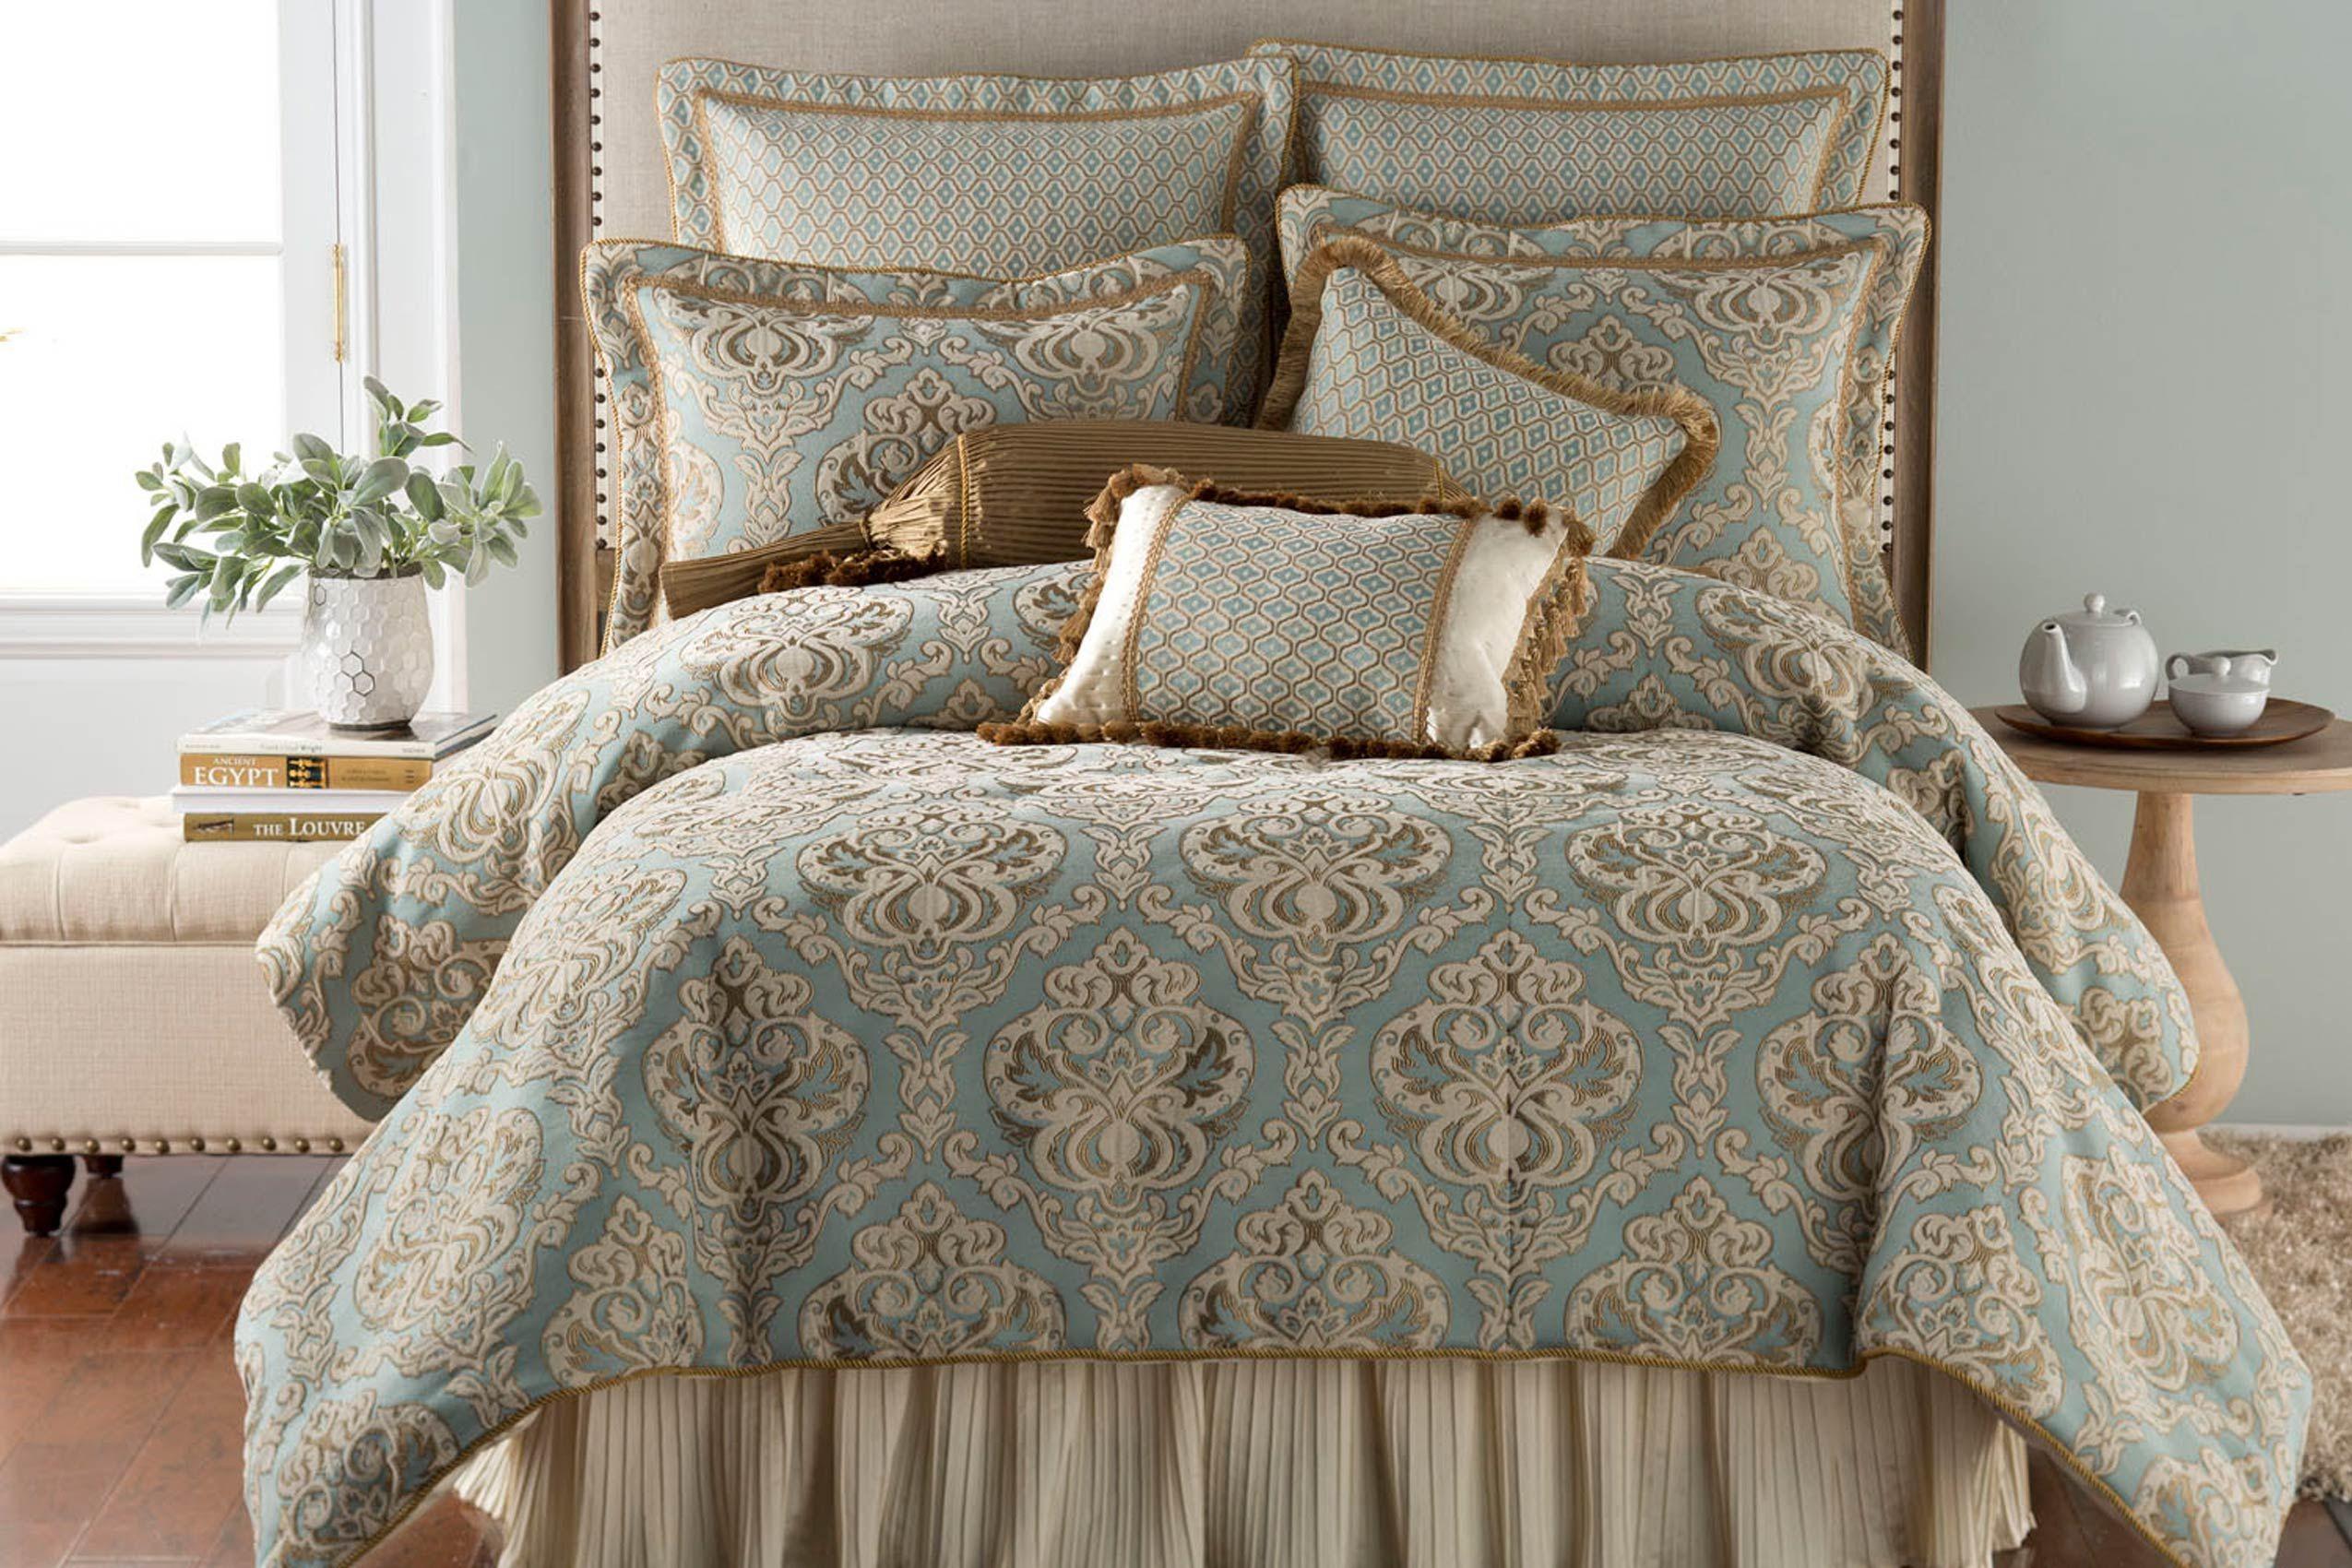 bed-quilt-duvet.jpg